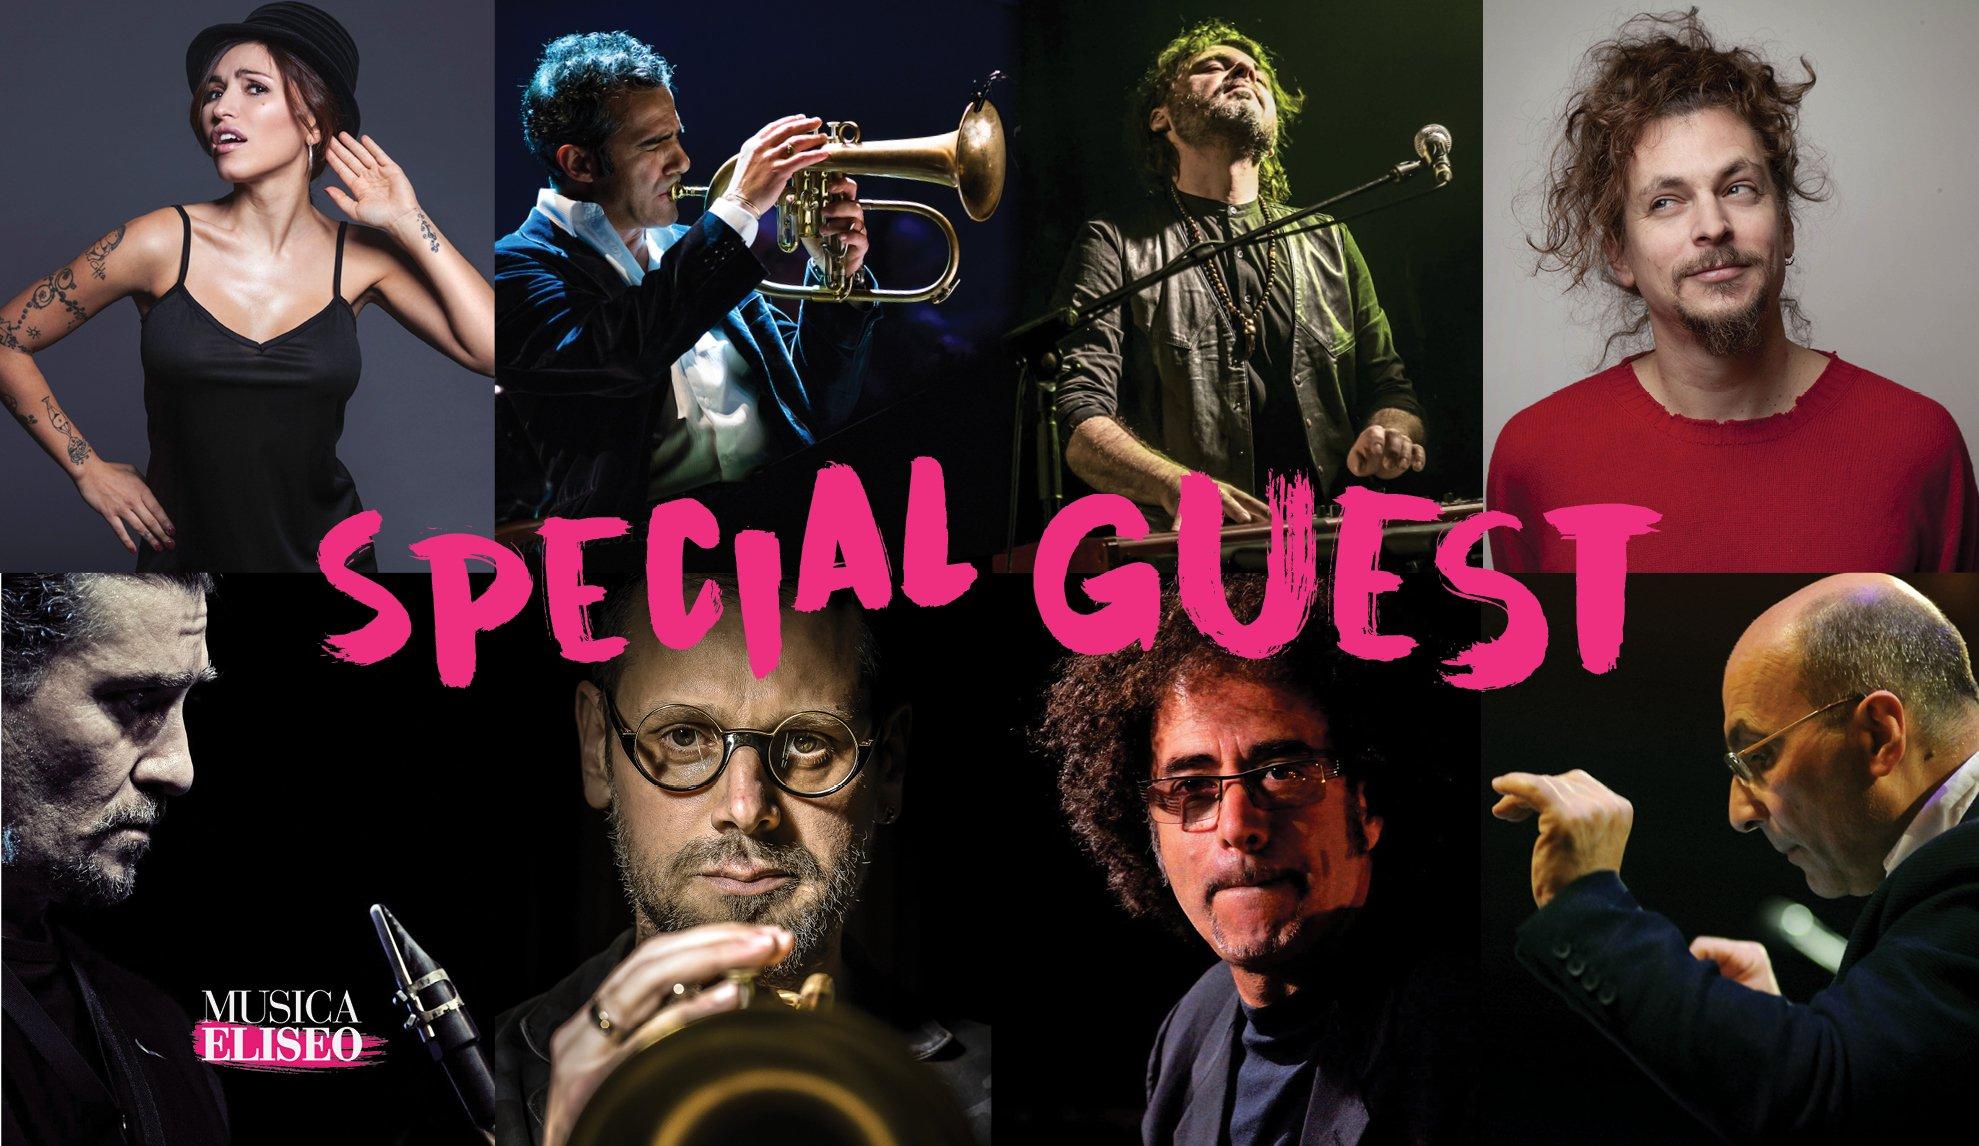 Special Guest 2018 i concerti